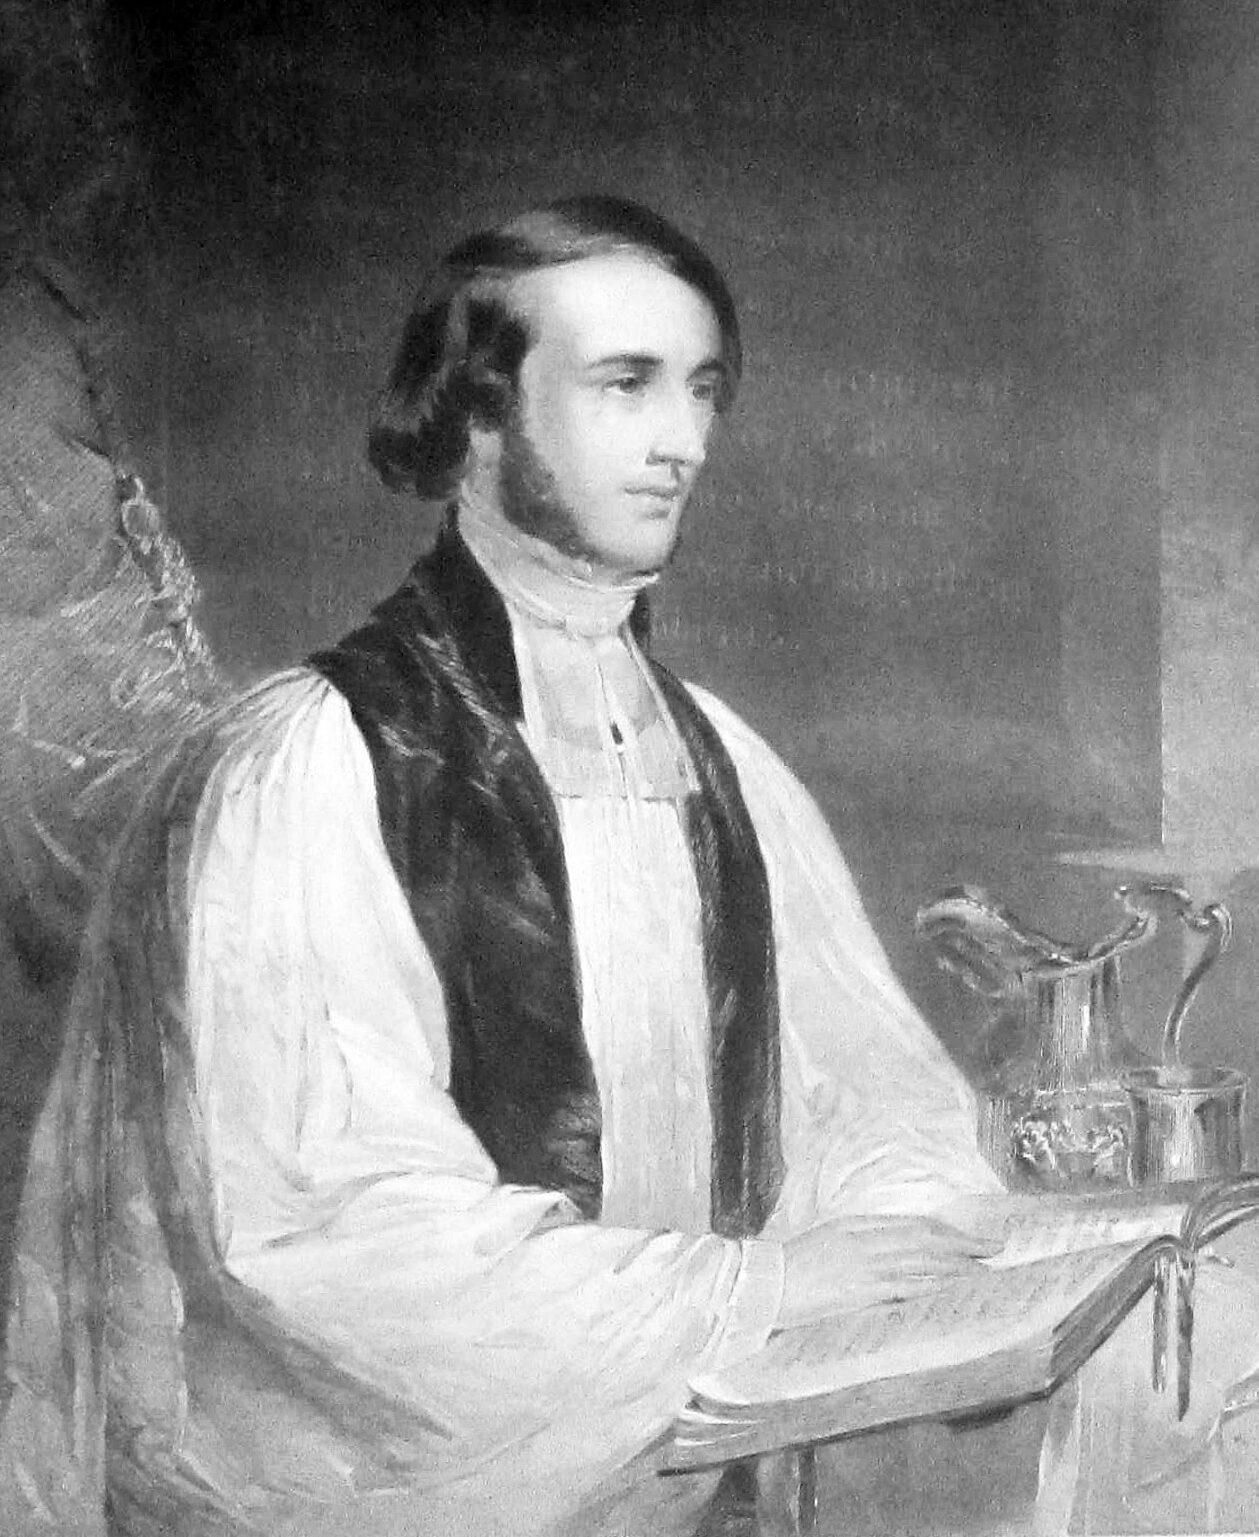 The Rt. Rev. William Ingraham Kip